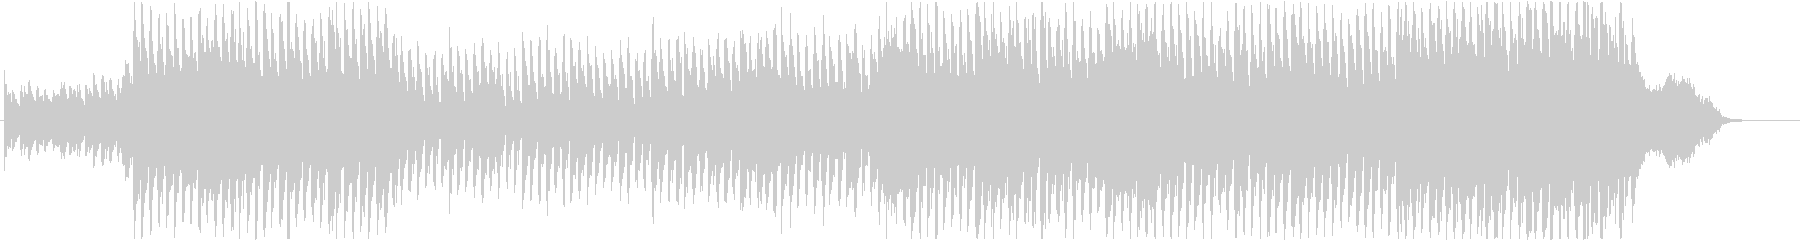 爽やかなベルとオーケストラBGM仕様の未再生の波形